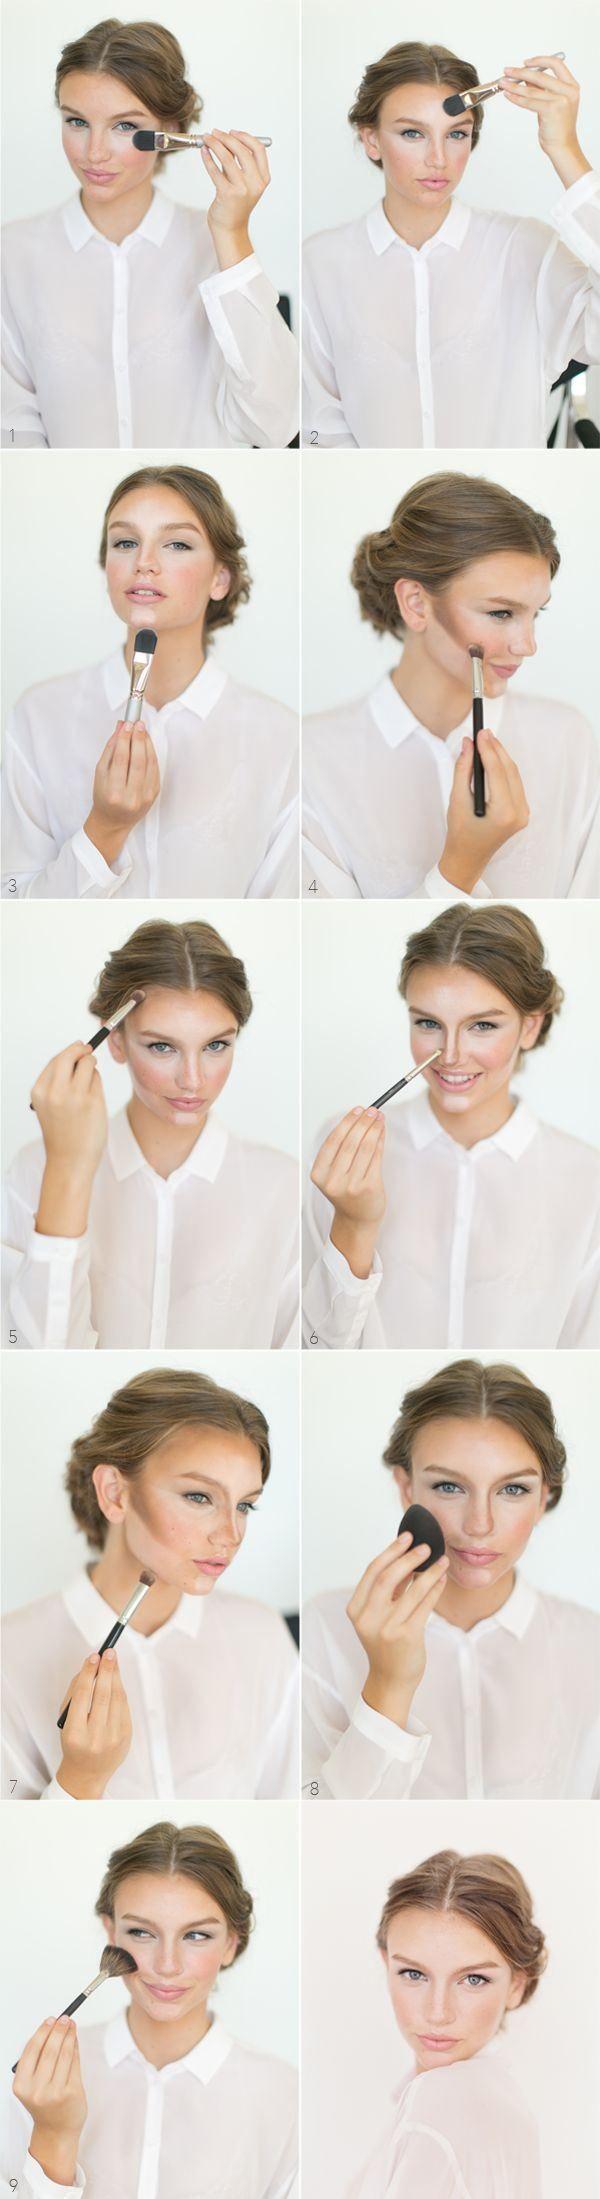 Makeup Tutorial                                                                                                                                                                                 More